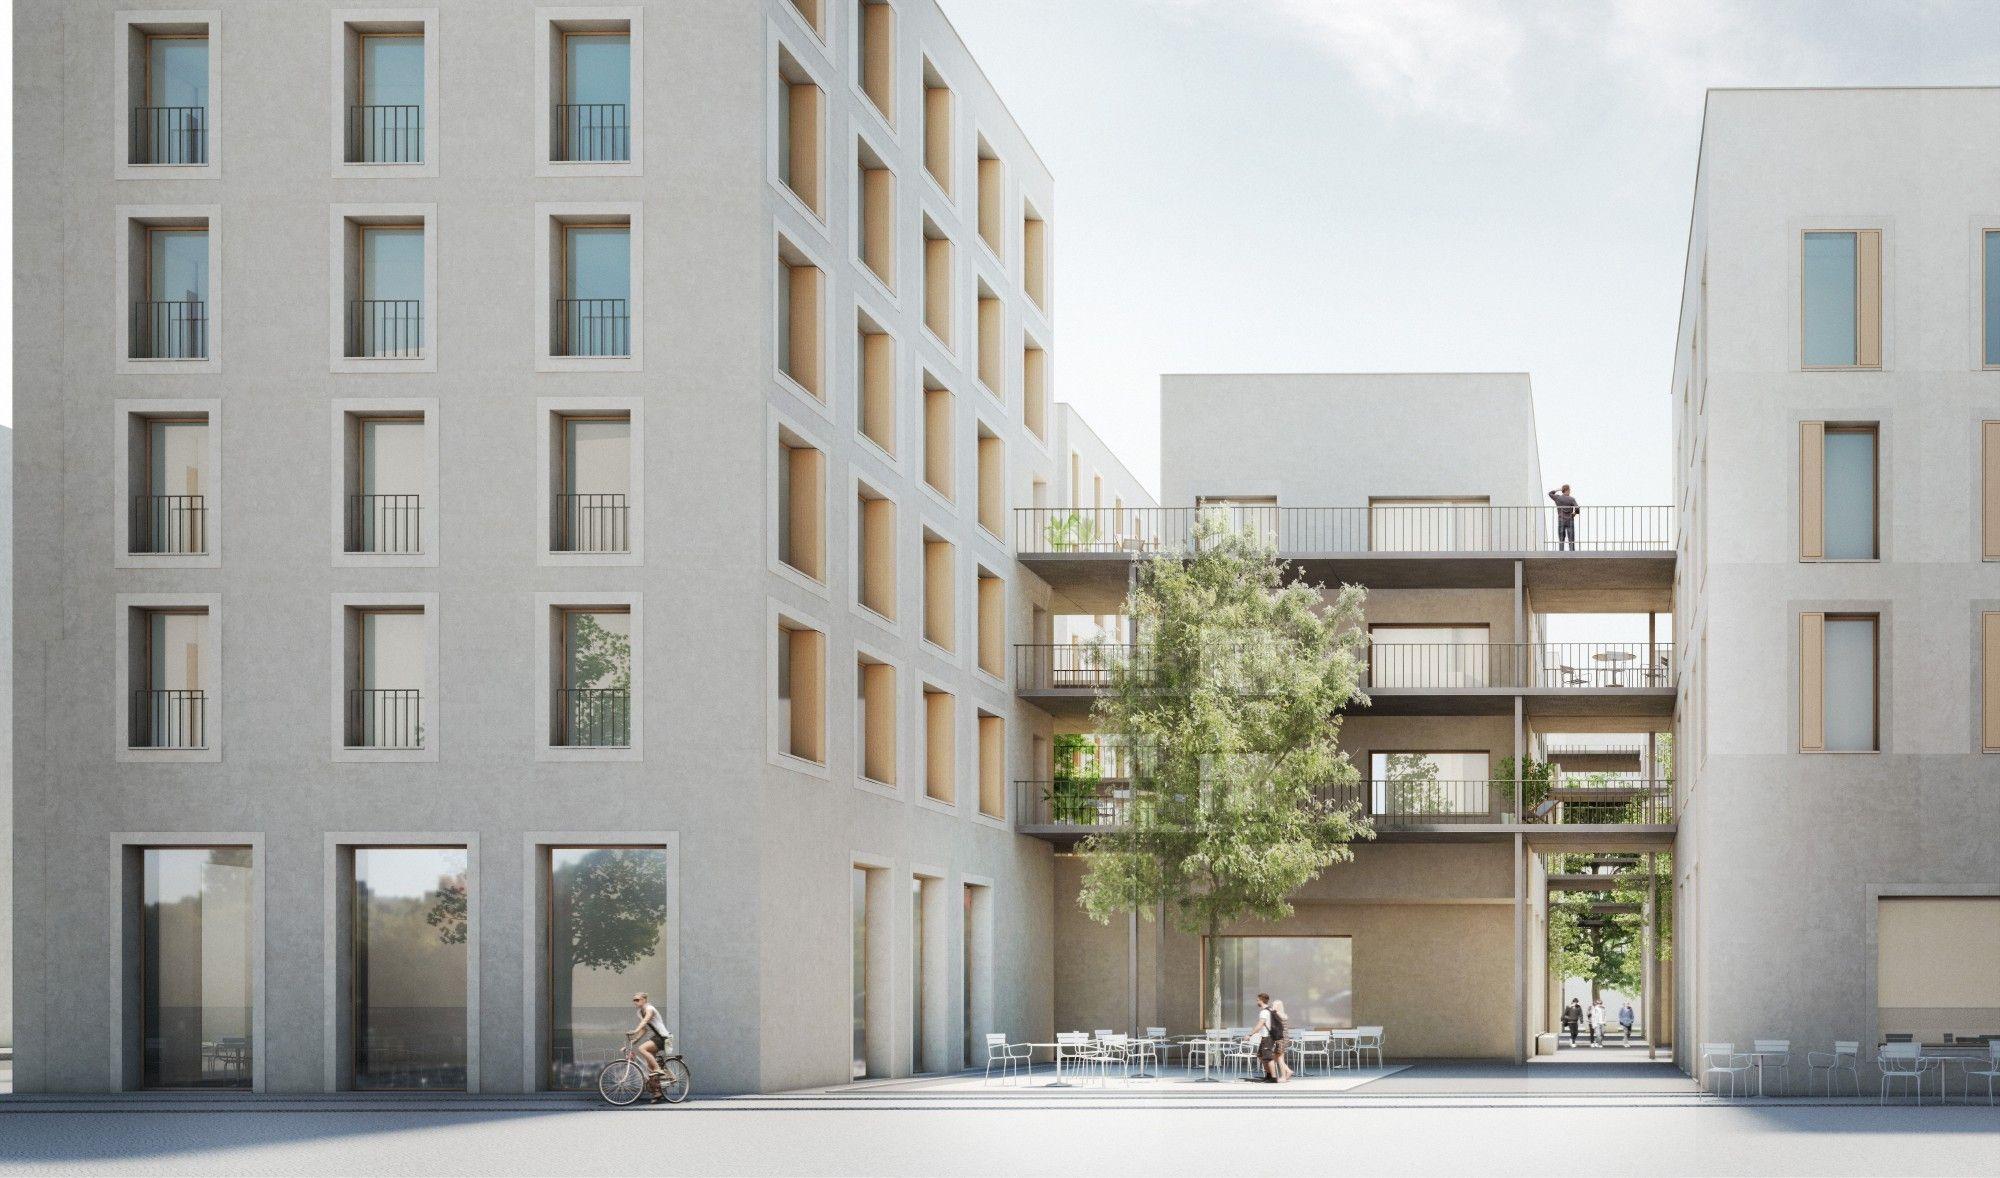 Bekannte gr en und junge aufsteiger berliner wohnbauwettbewerb urban living google - Bekannte architekten ...